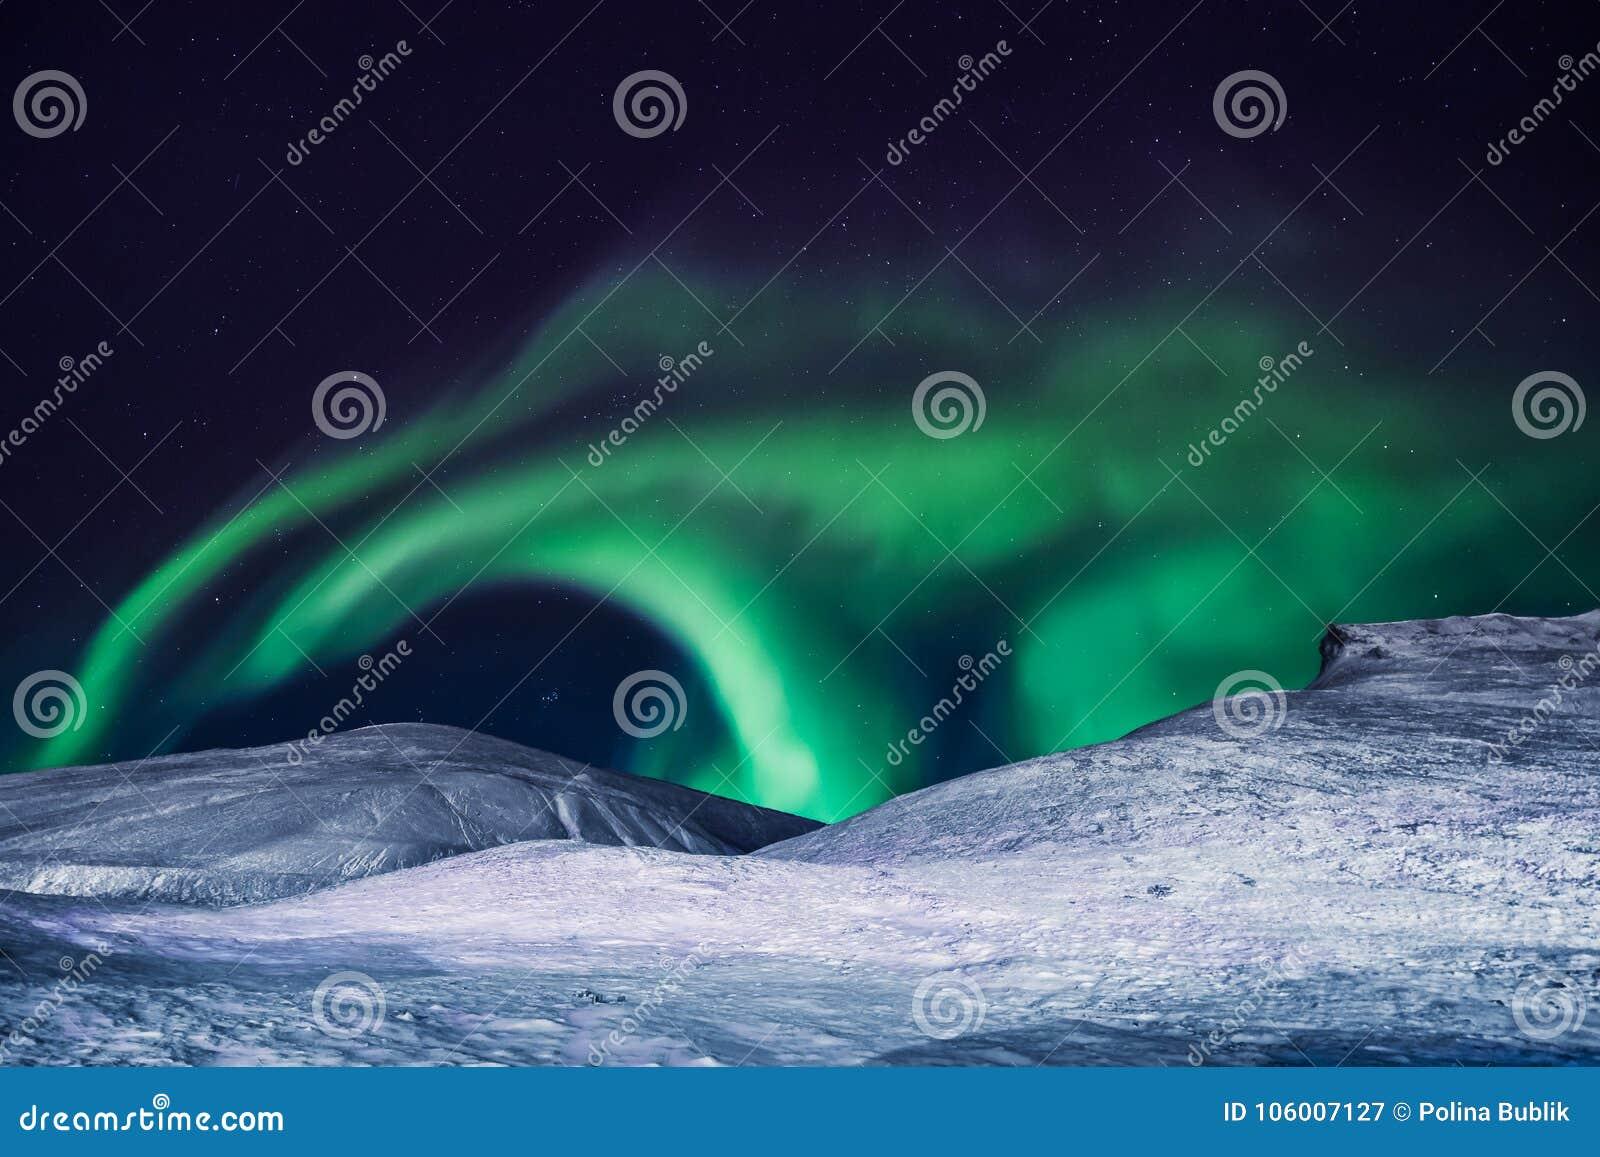 极性北极北极光极光borealis天空星在朗伊尔城市月亮山的挪威斯瓦尔巴特群岛